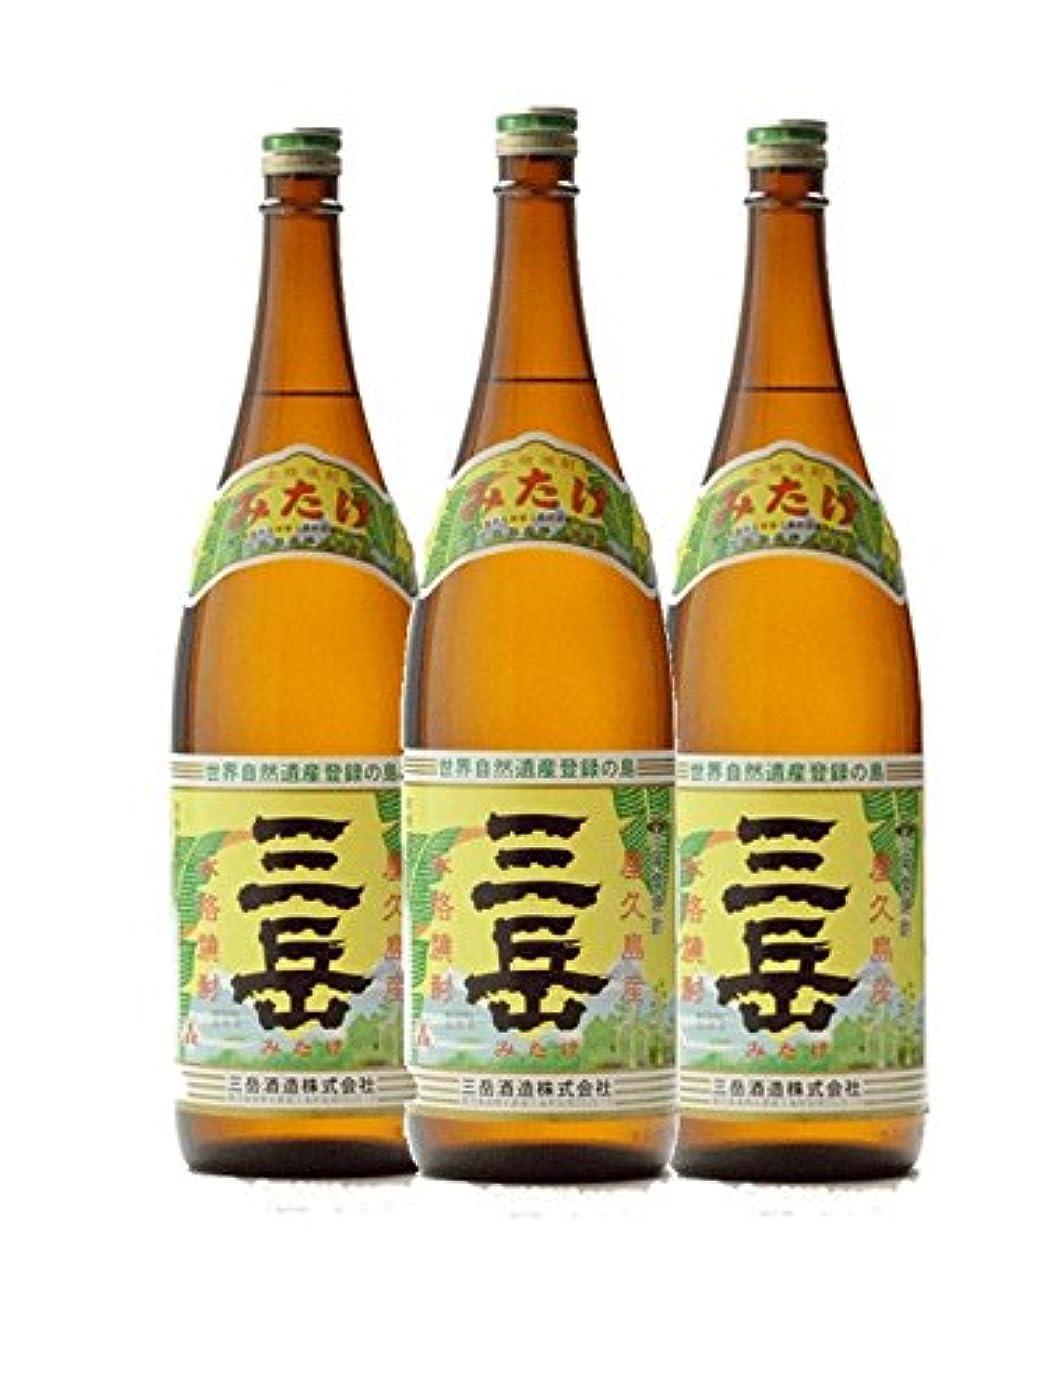 補償比率使用法三岳1800ml 3本セット 屋久島 25度 芋焼酎 三岳酒造